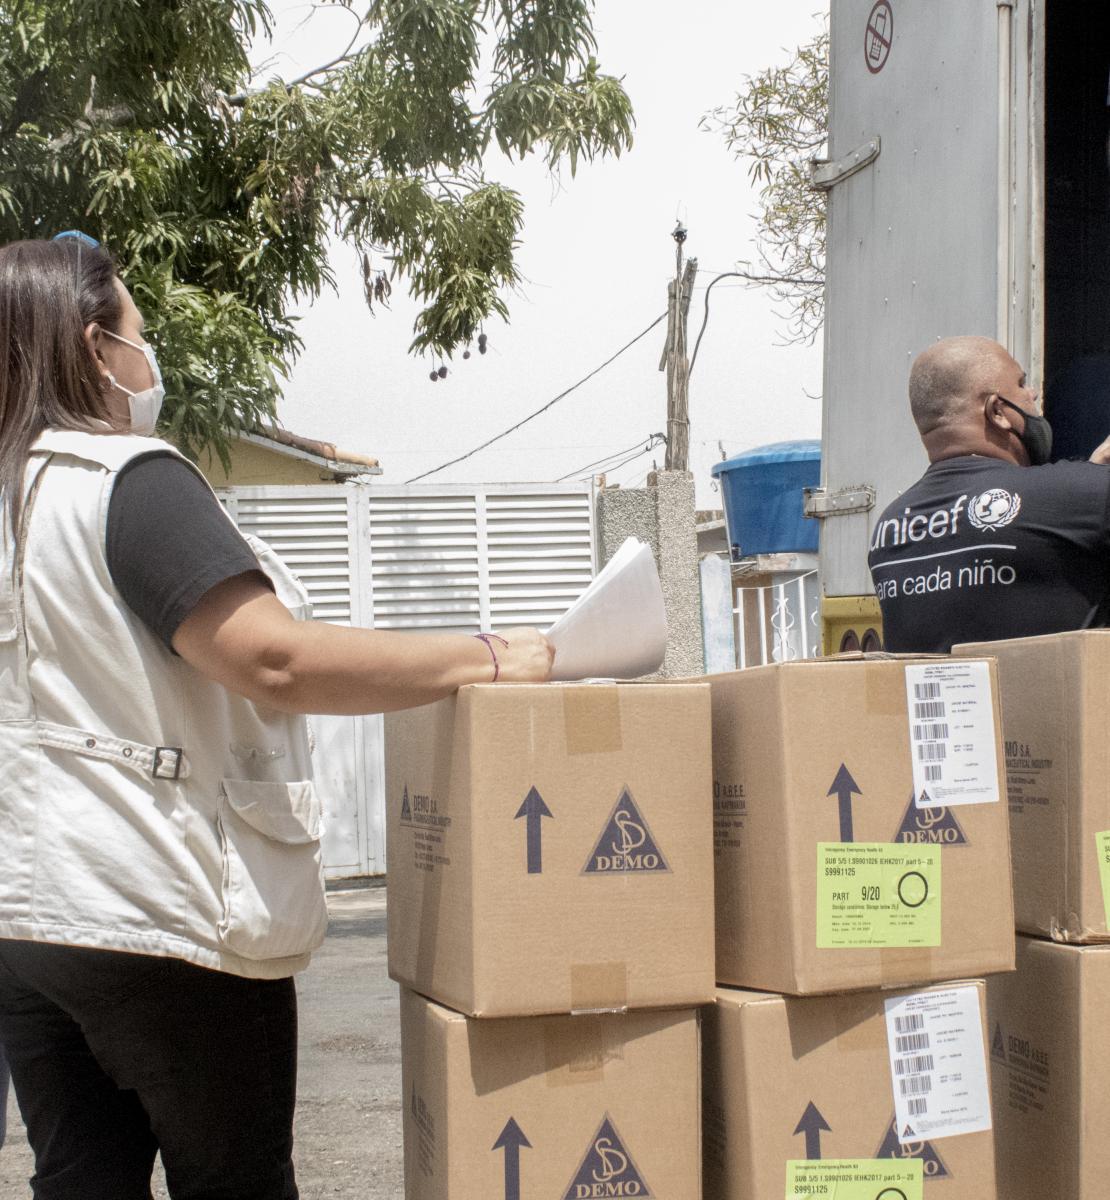 Un membre masculin du personnel de l'UNICEF portant un masque de protection aide à décharger des cartons dans le cadre de l'opération d'aide humanitaire réalisée au Venezuela. Deux femmes portant un masque de protection se tiennent debout près des cartons déchargés.